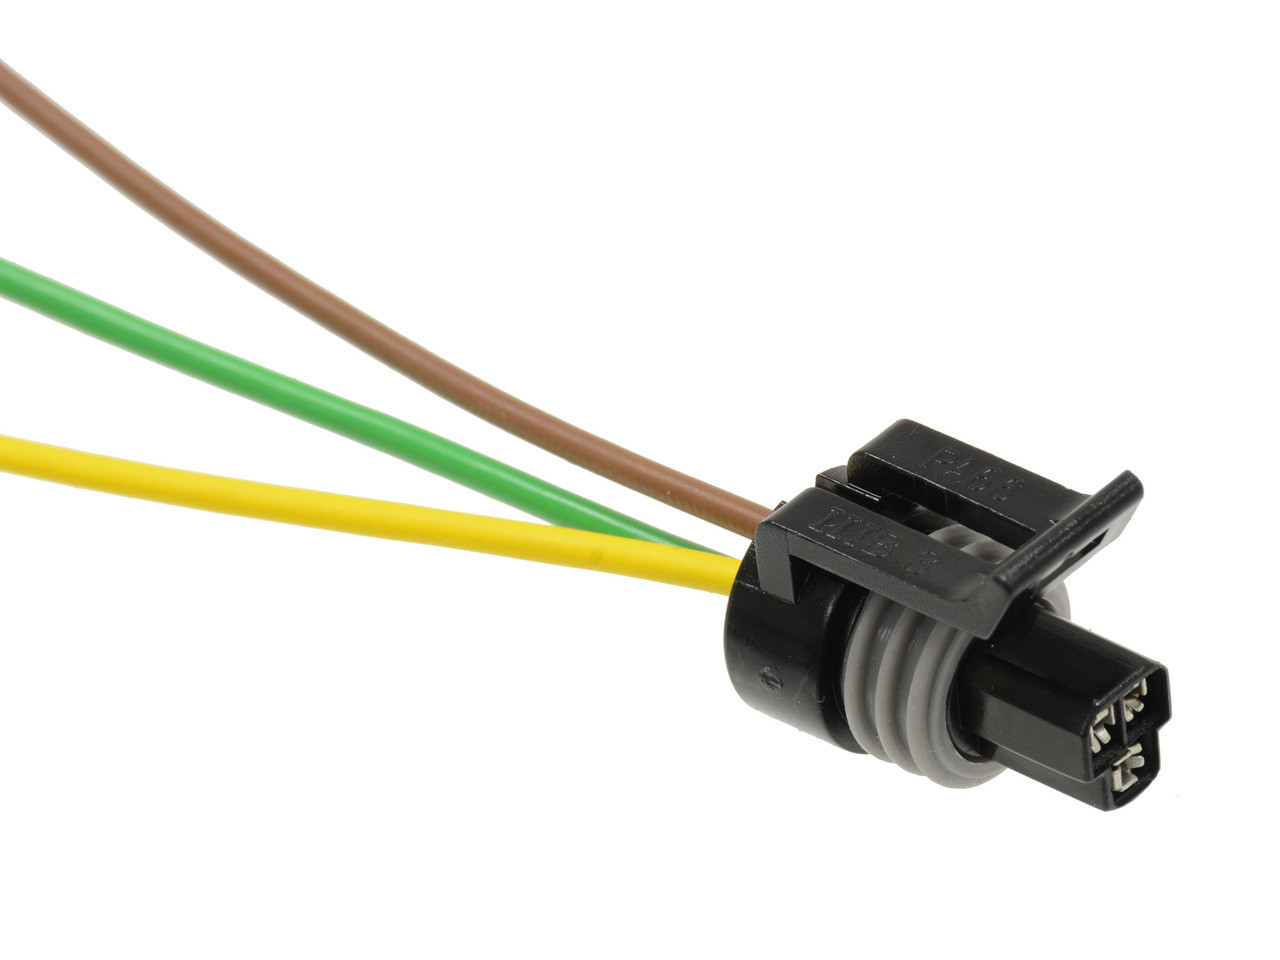 ls1 coolant temperature temp sensor connector harness 3